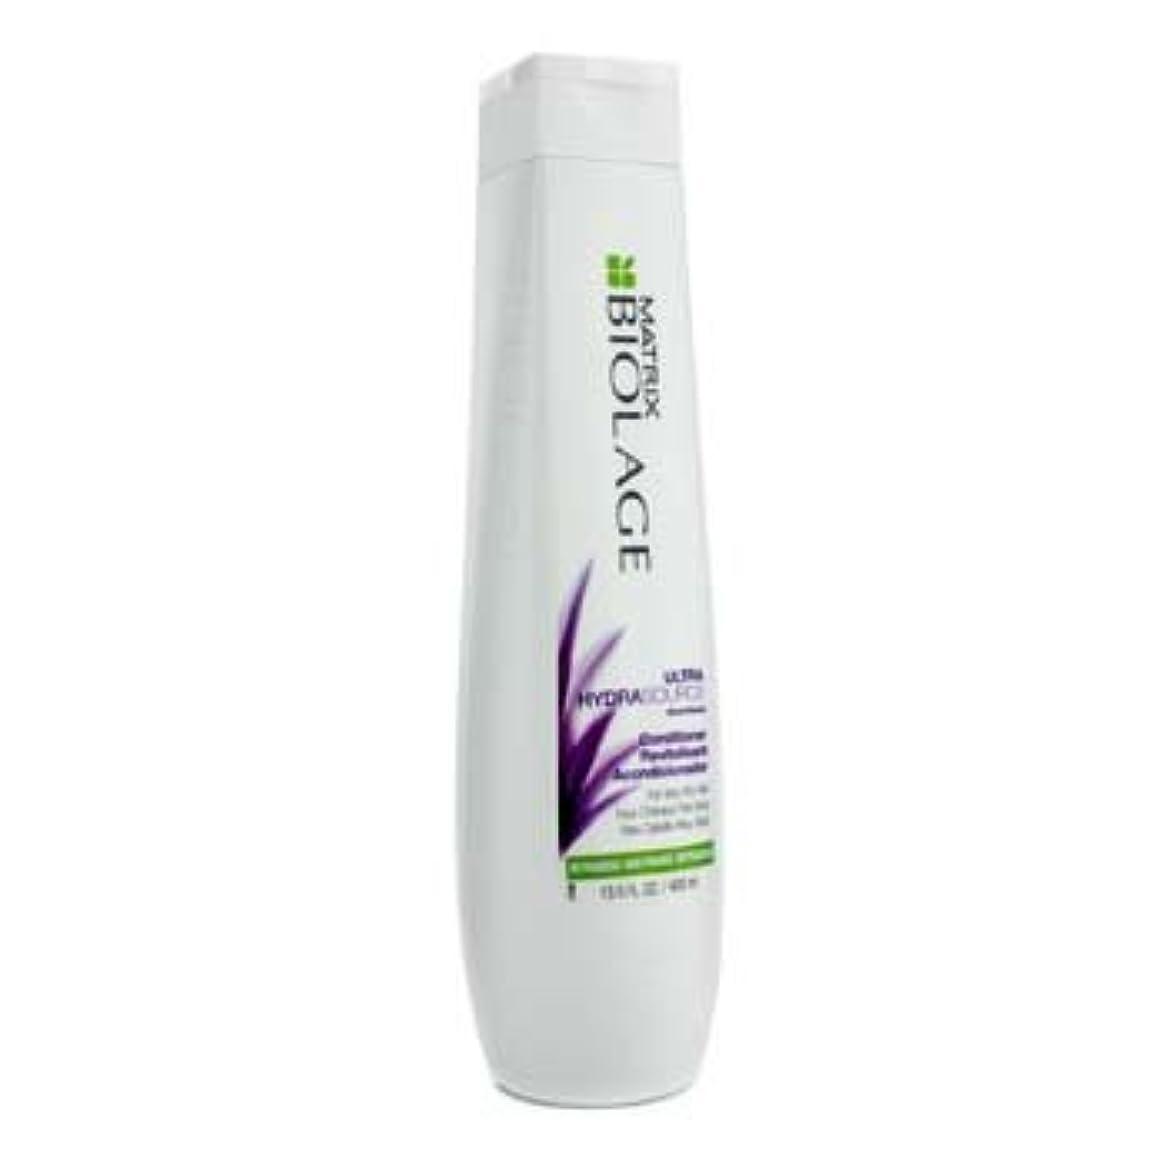 事務所誤解エアコン[Matrix] Biolage Ultra HydraSource Conditioner (For Very Dry Hair) 400ml/13.5oz